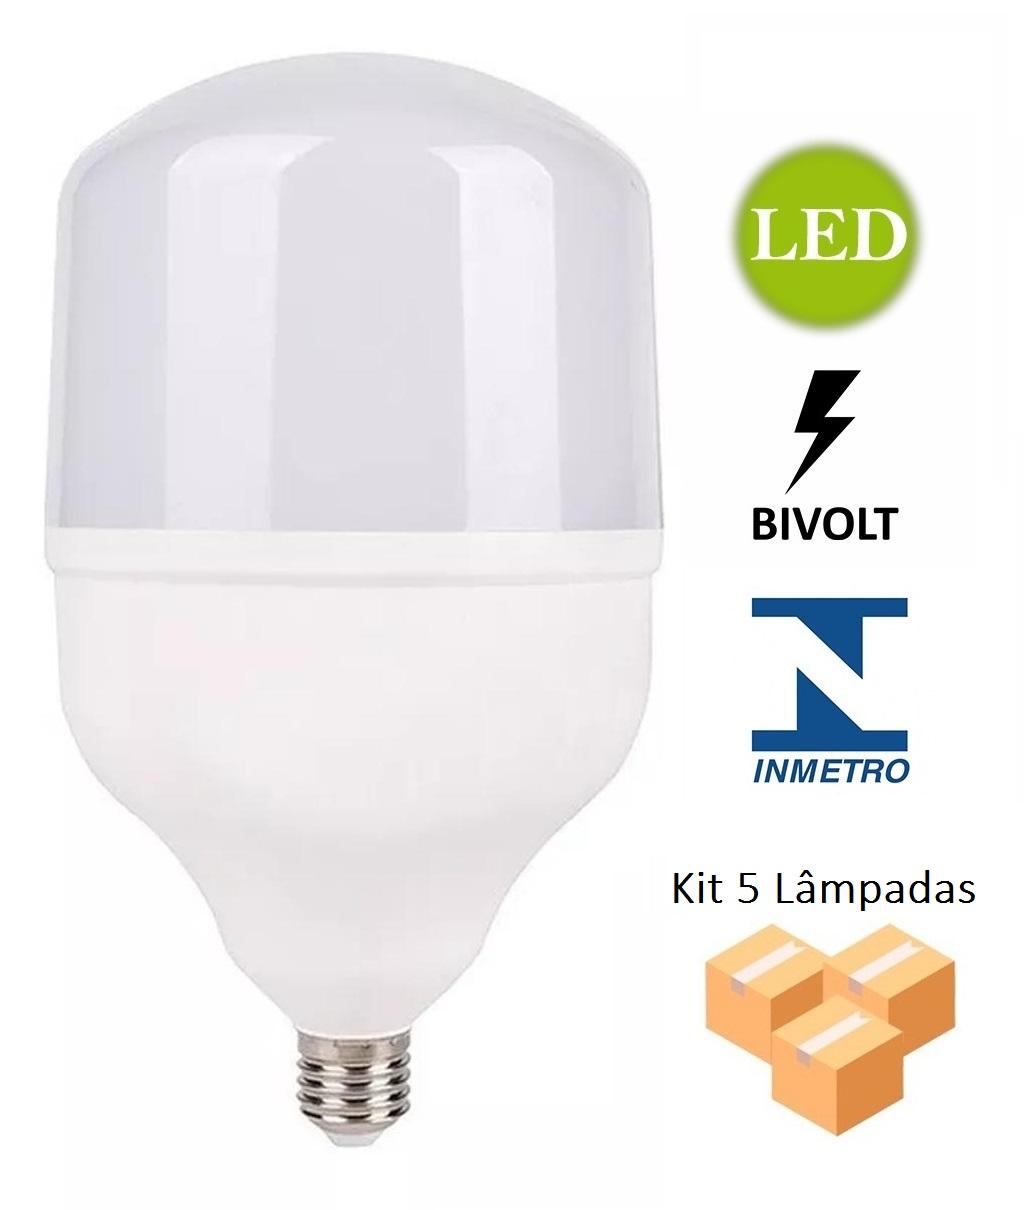 Kit 5 Lâmpadas Alta Potência Led 20w 6500k Bivolt - LUZ SOLLAR